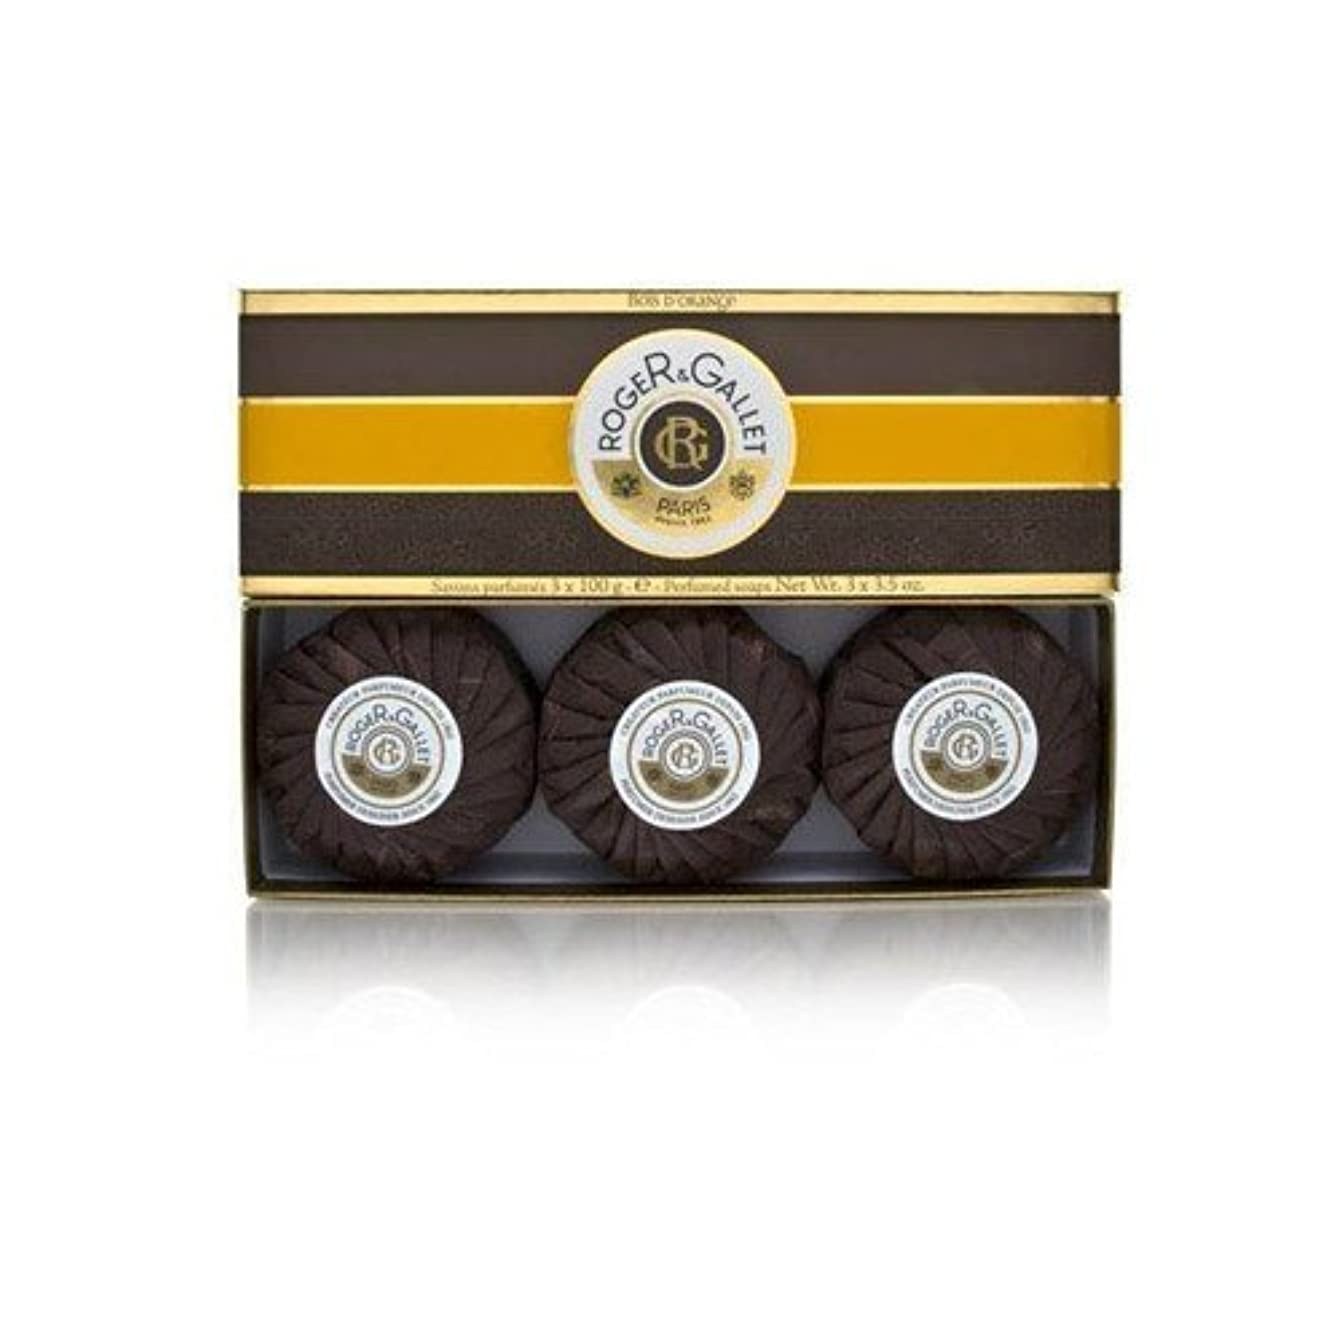 今日前文検出するロジェガレ ボワ ドランジュ (オレンジツリー) 香水石鹸3個セット ROGER&GALLET BOIS D'ORANGE PERFUMED SOAP [0161]